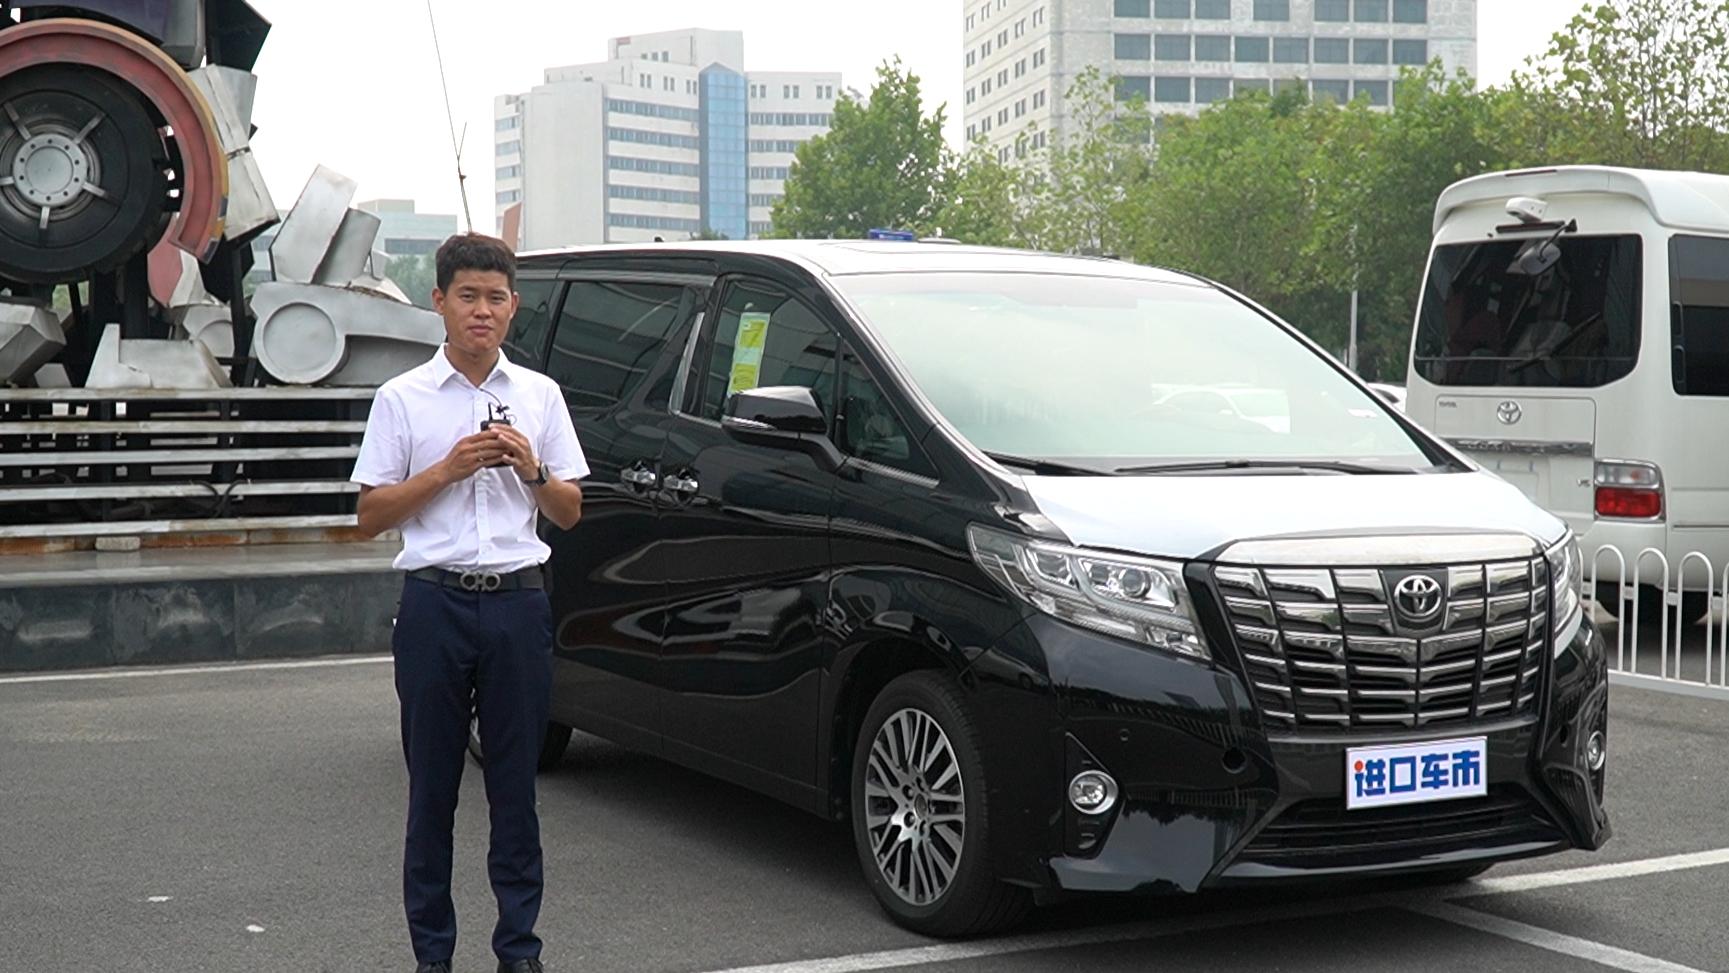 丰田埃尔法 高端配置舒适豪华 对比中规车配置介绍